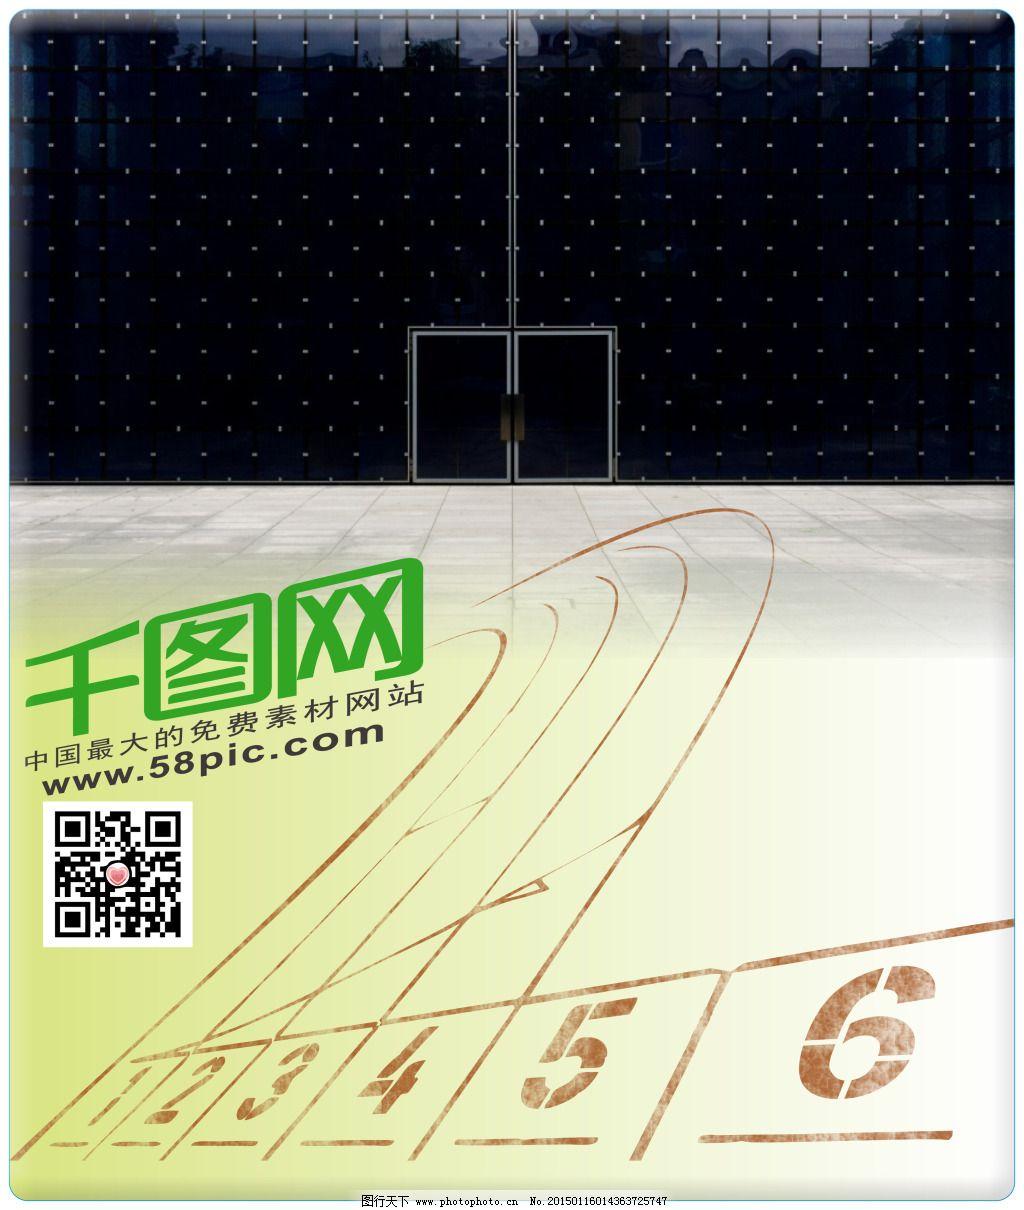 千图网鼠标垫免费下载 二维码 跑道 鼠标垫活动 跑道 二维码 原创设计